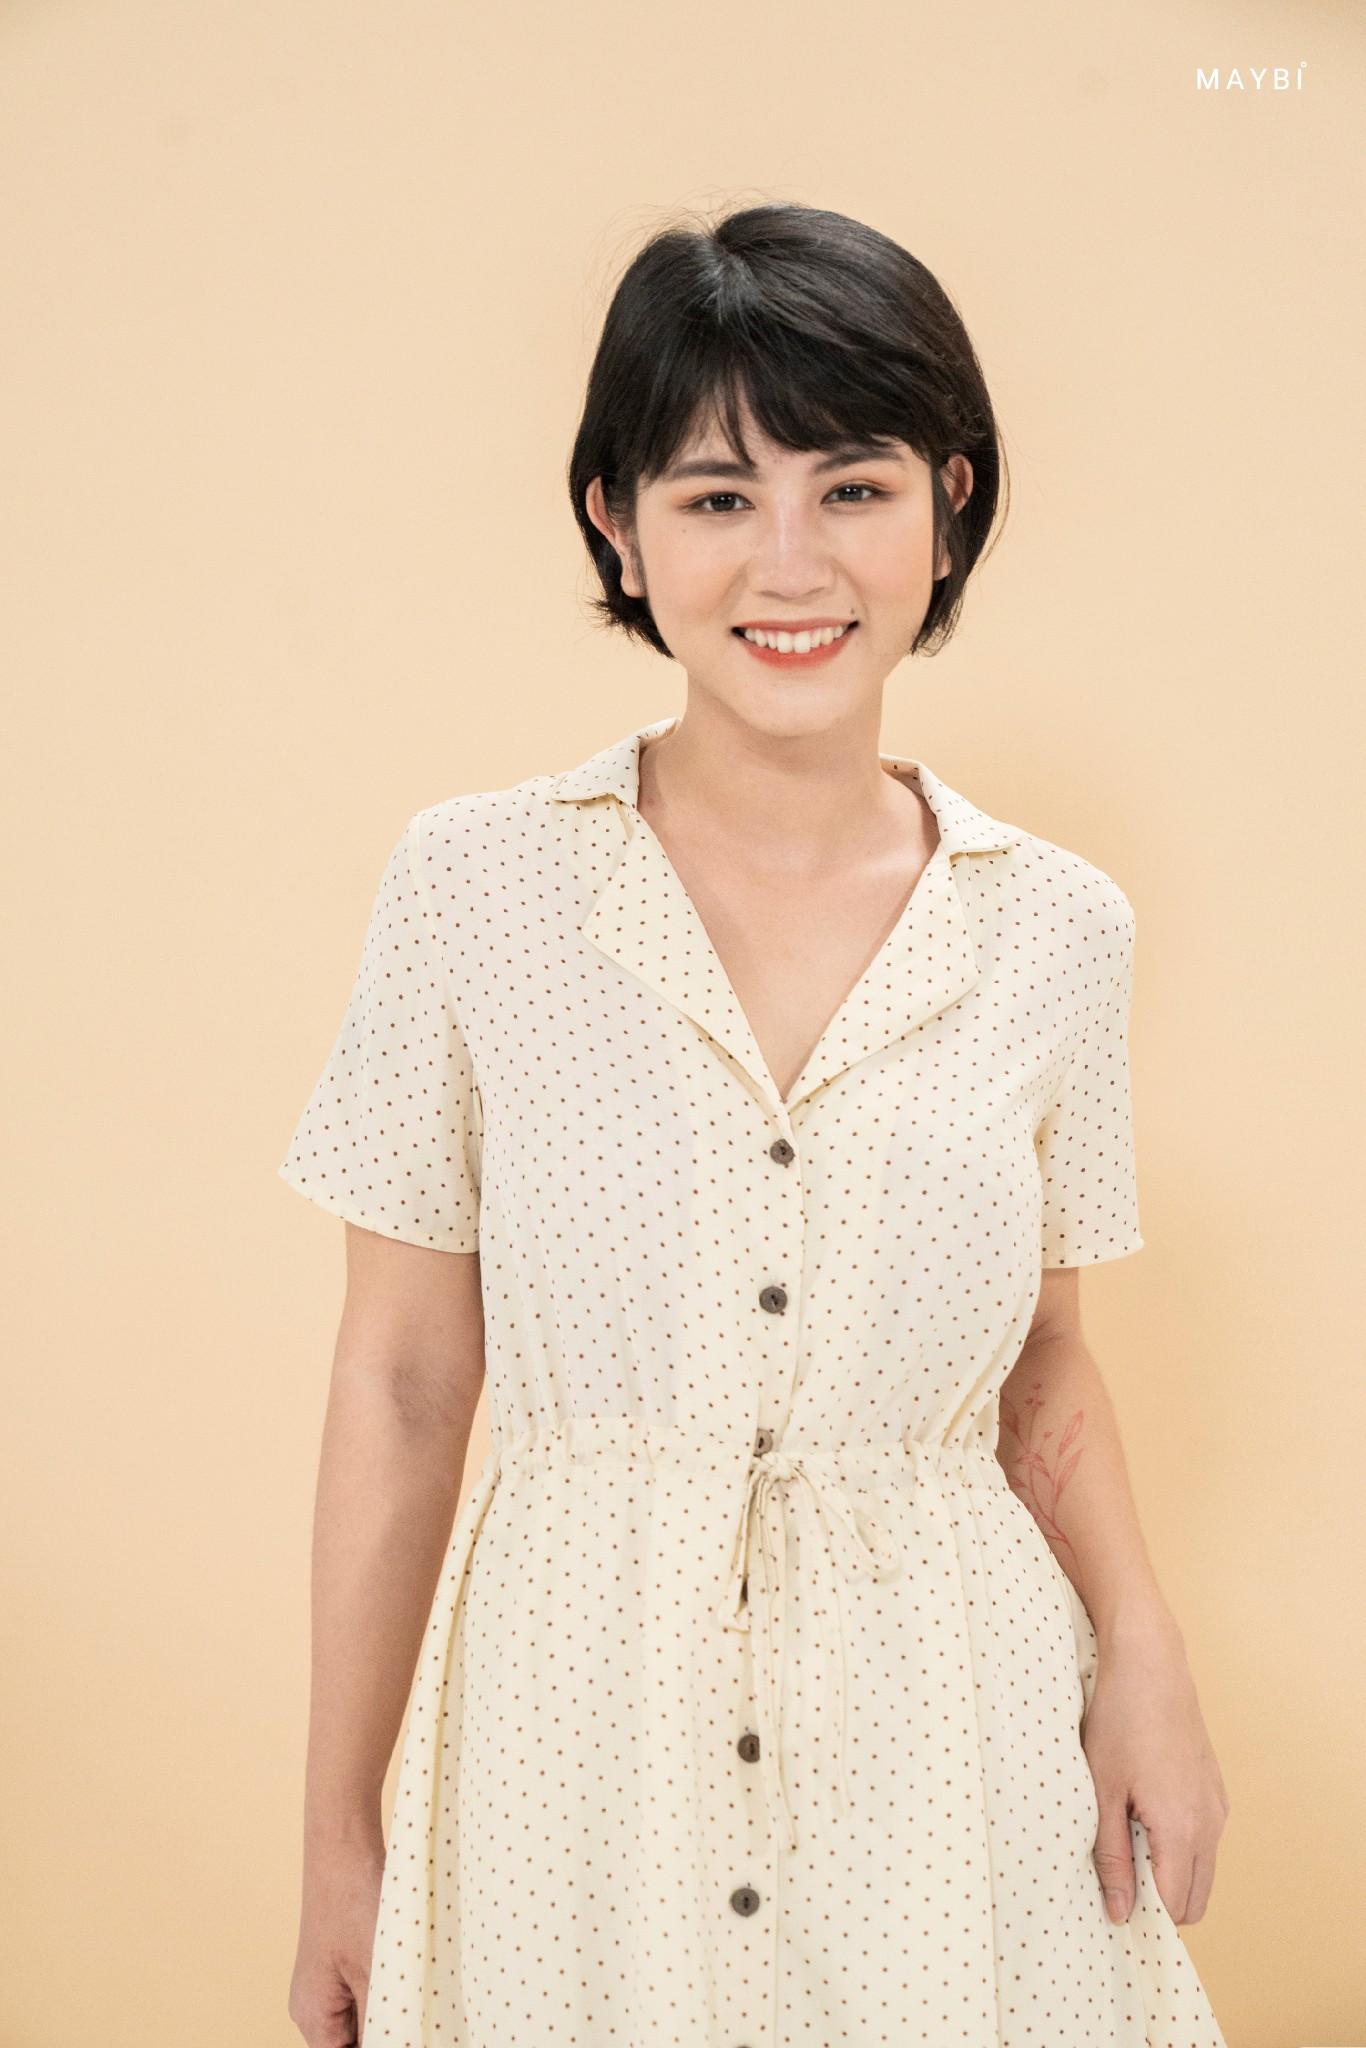 Đầm cổ danton chấm bi nâu - Pixie Polkadot Dress